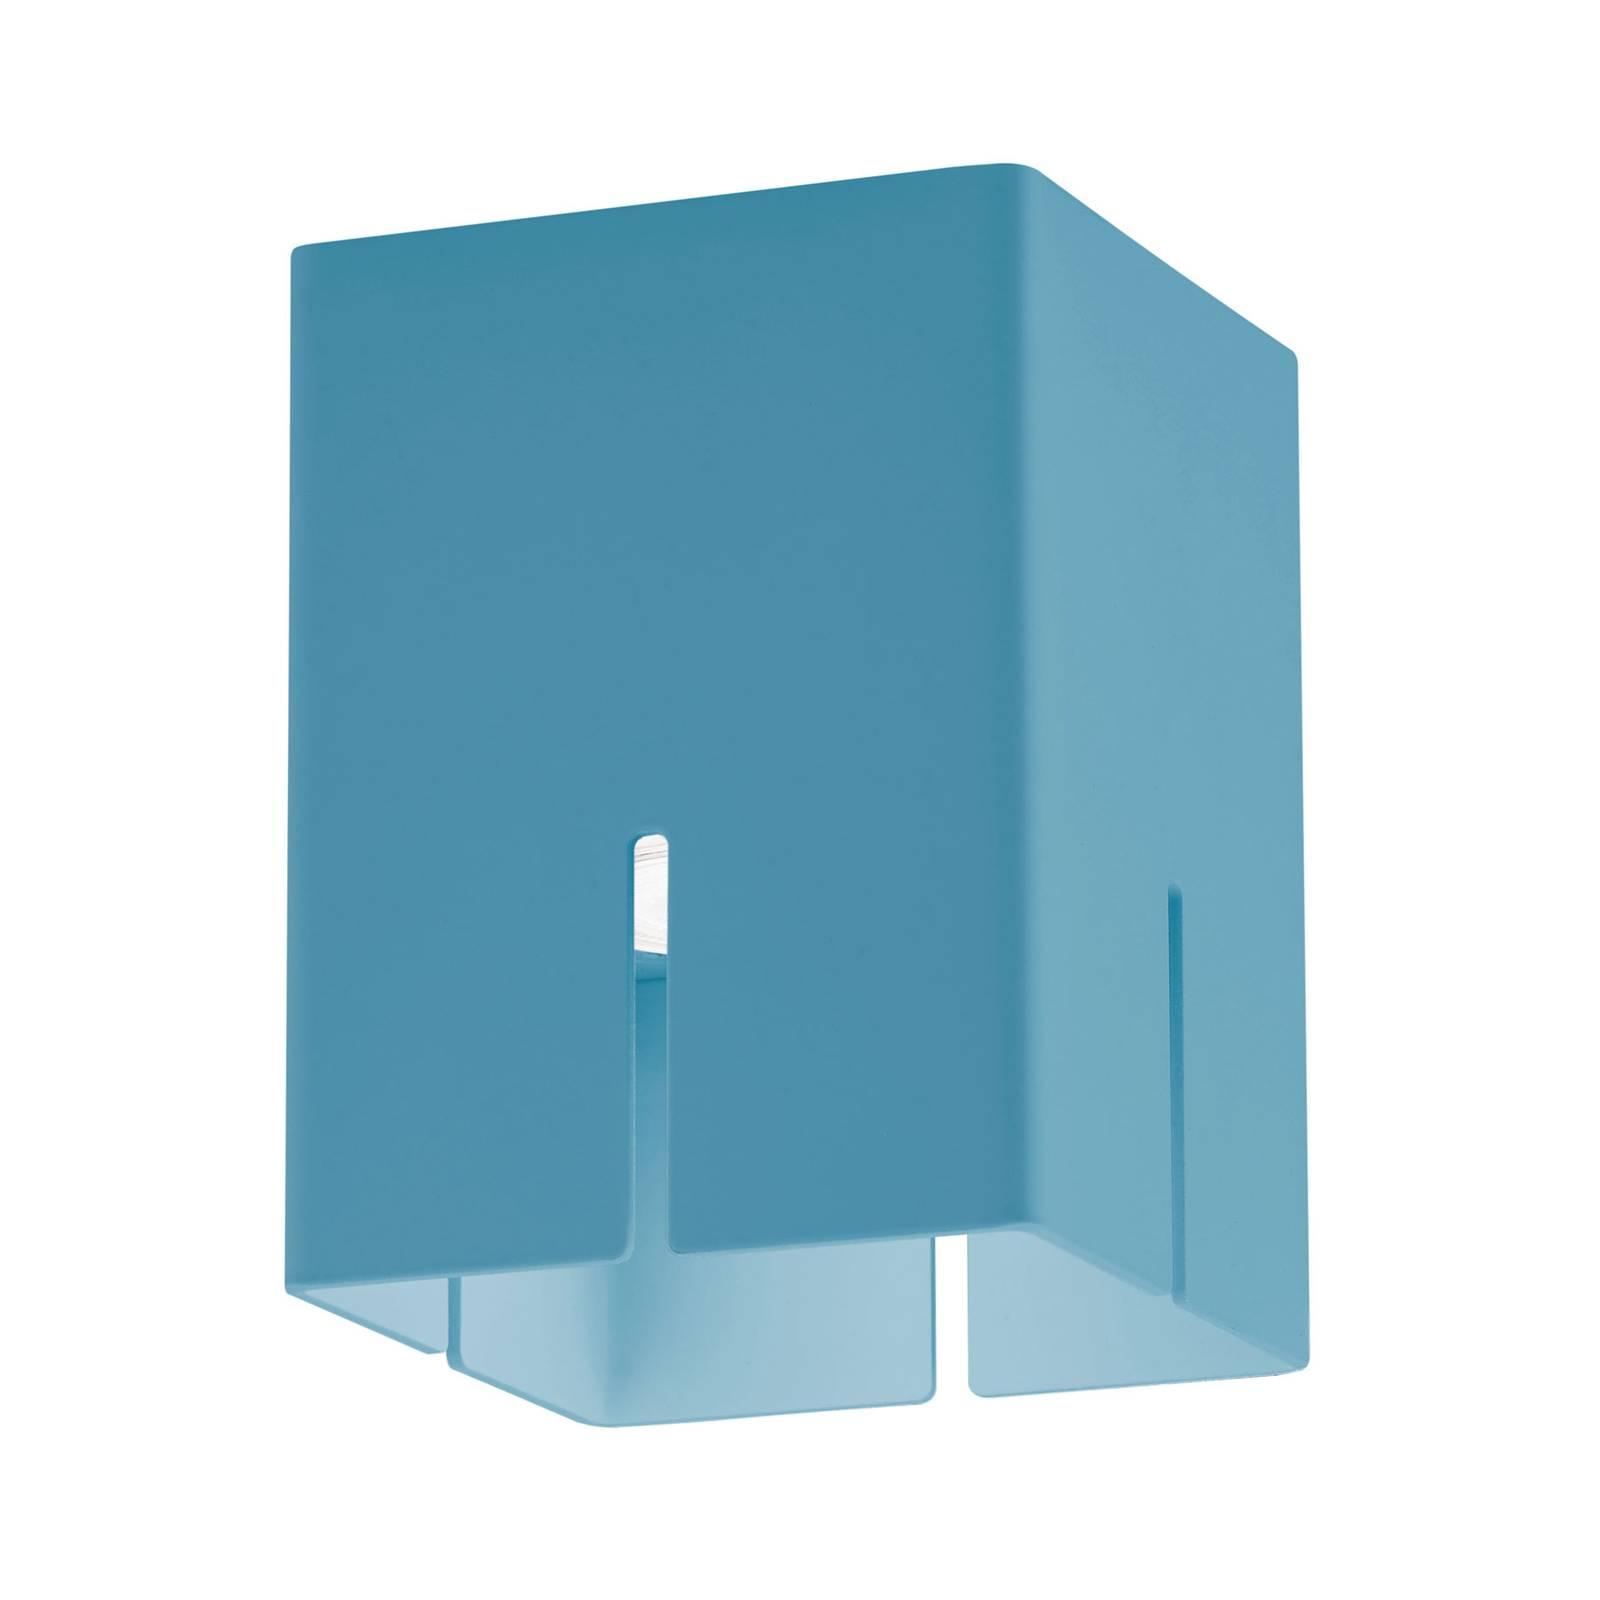 Baulmann 83.201 Deckenleuchte, blau, Höhe 16 cm